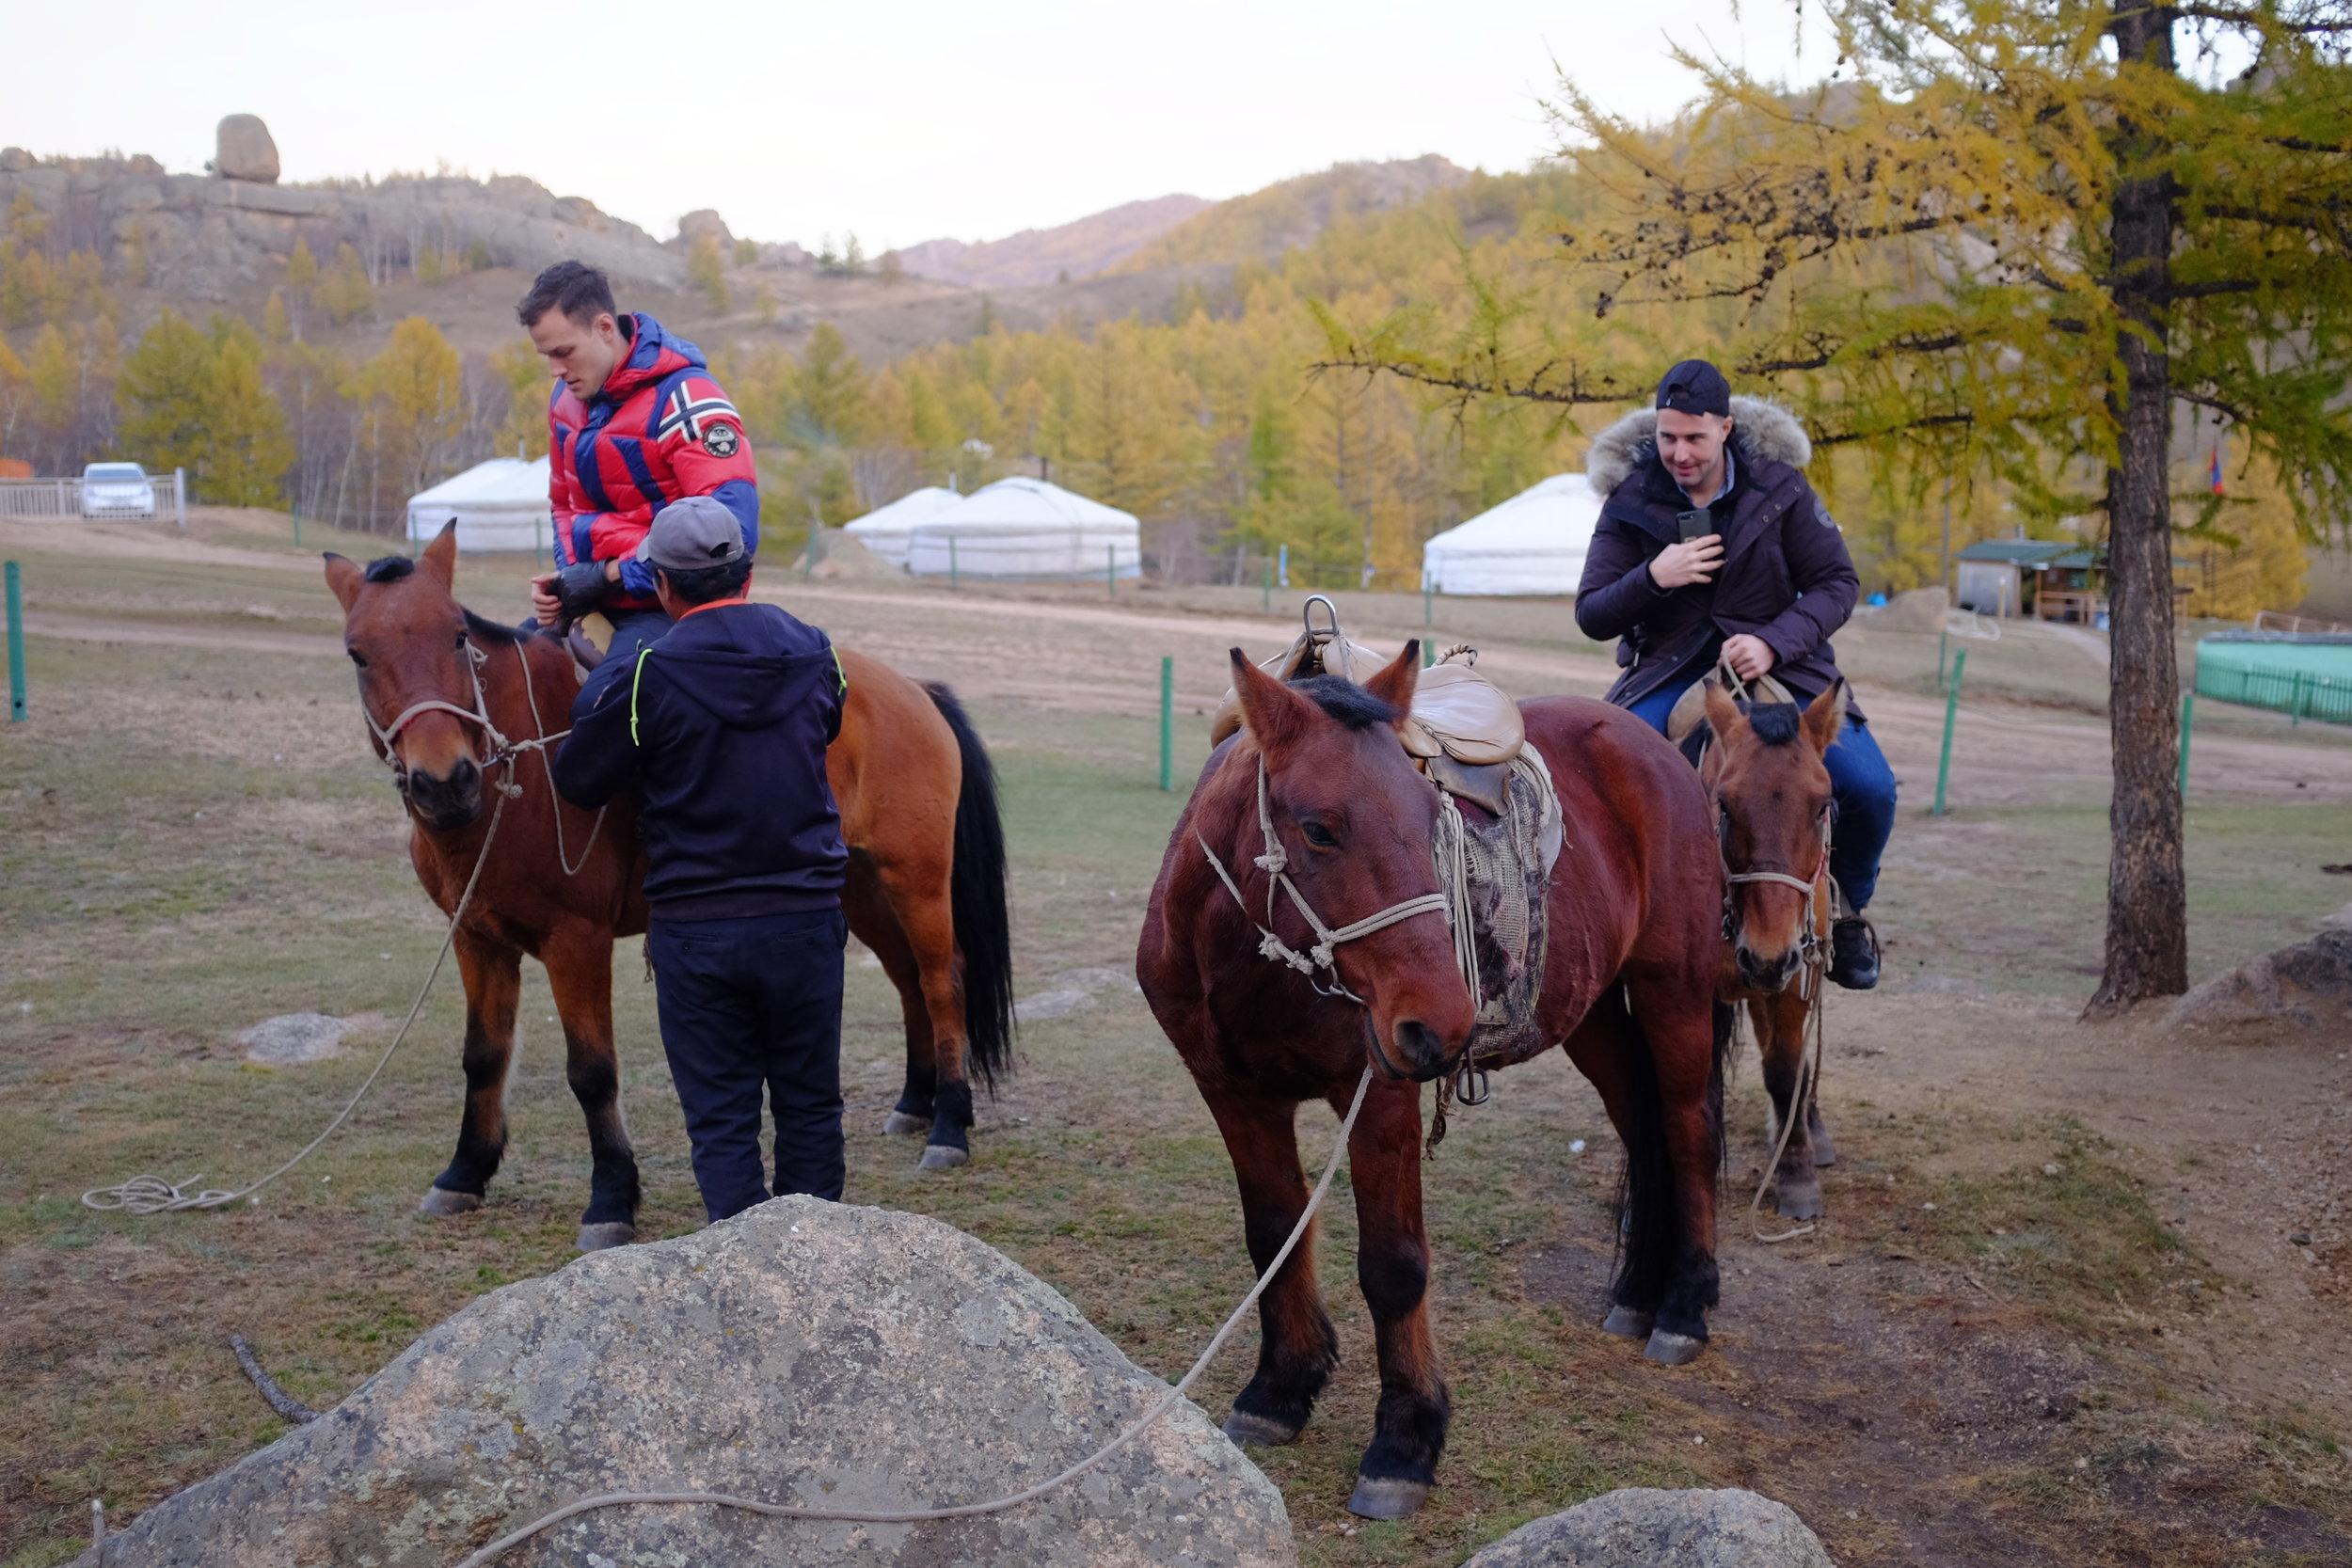 guys on horseback